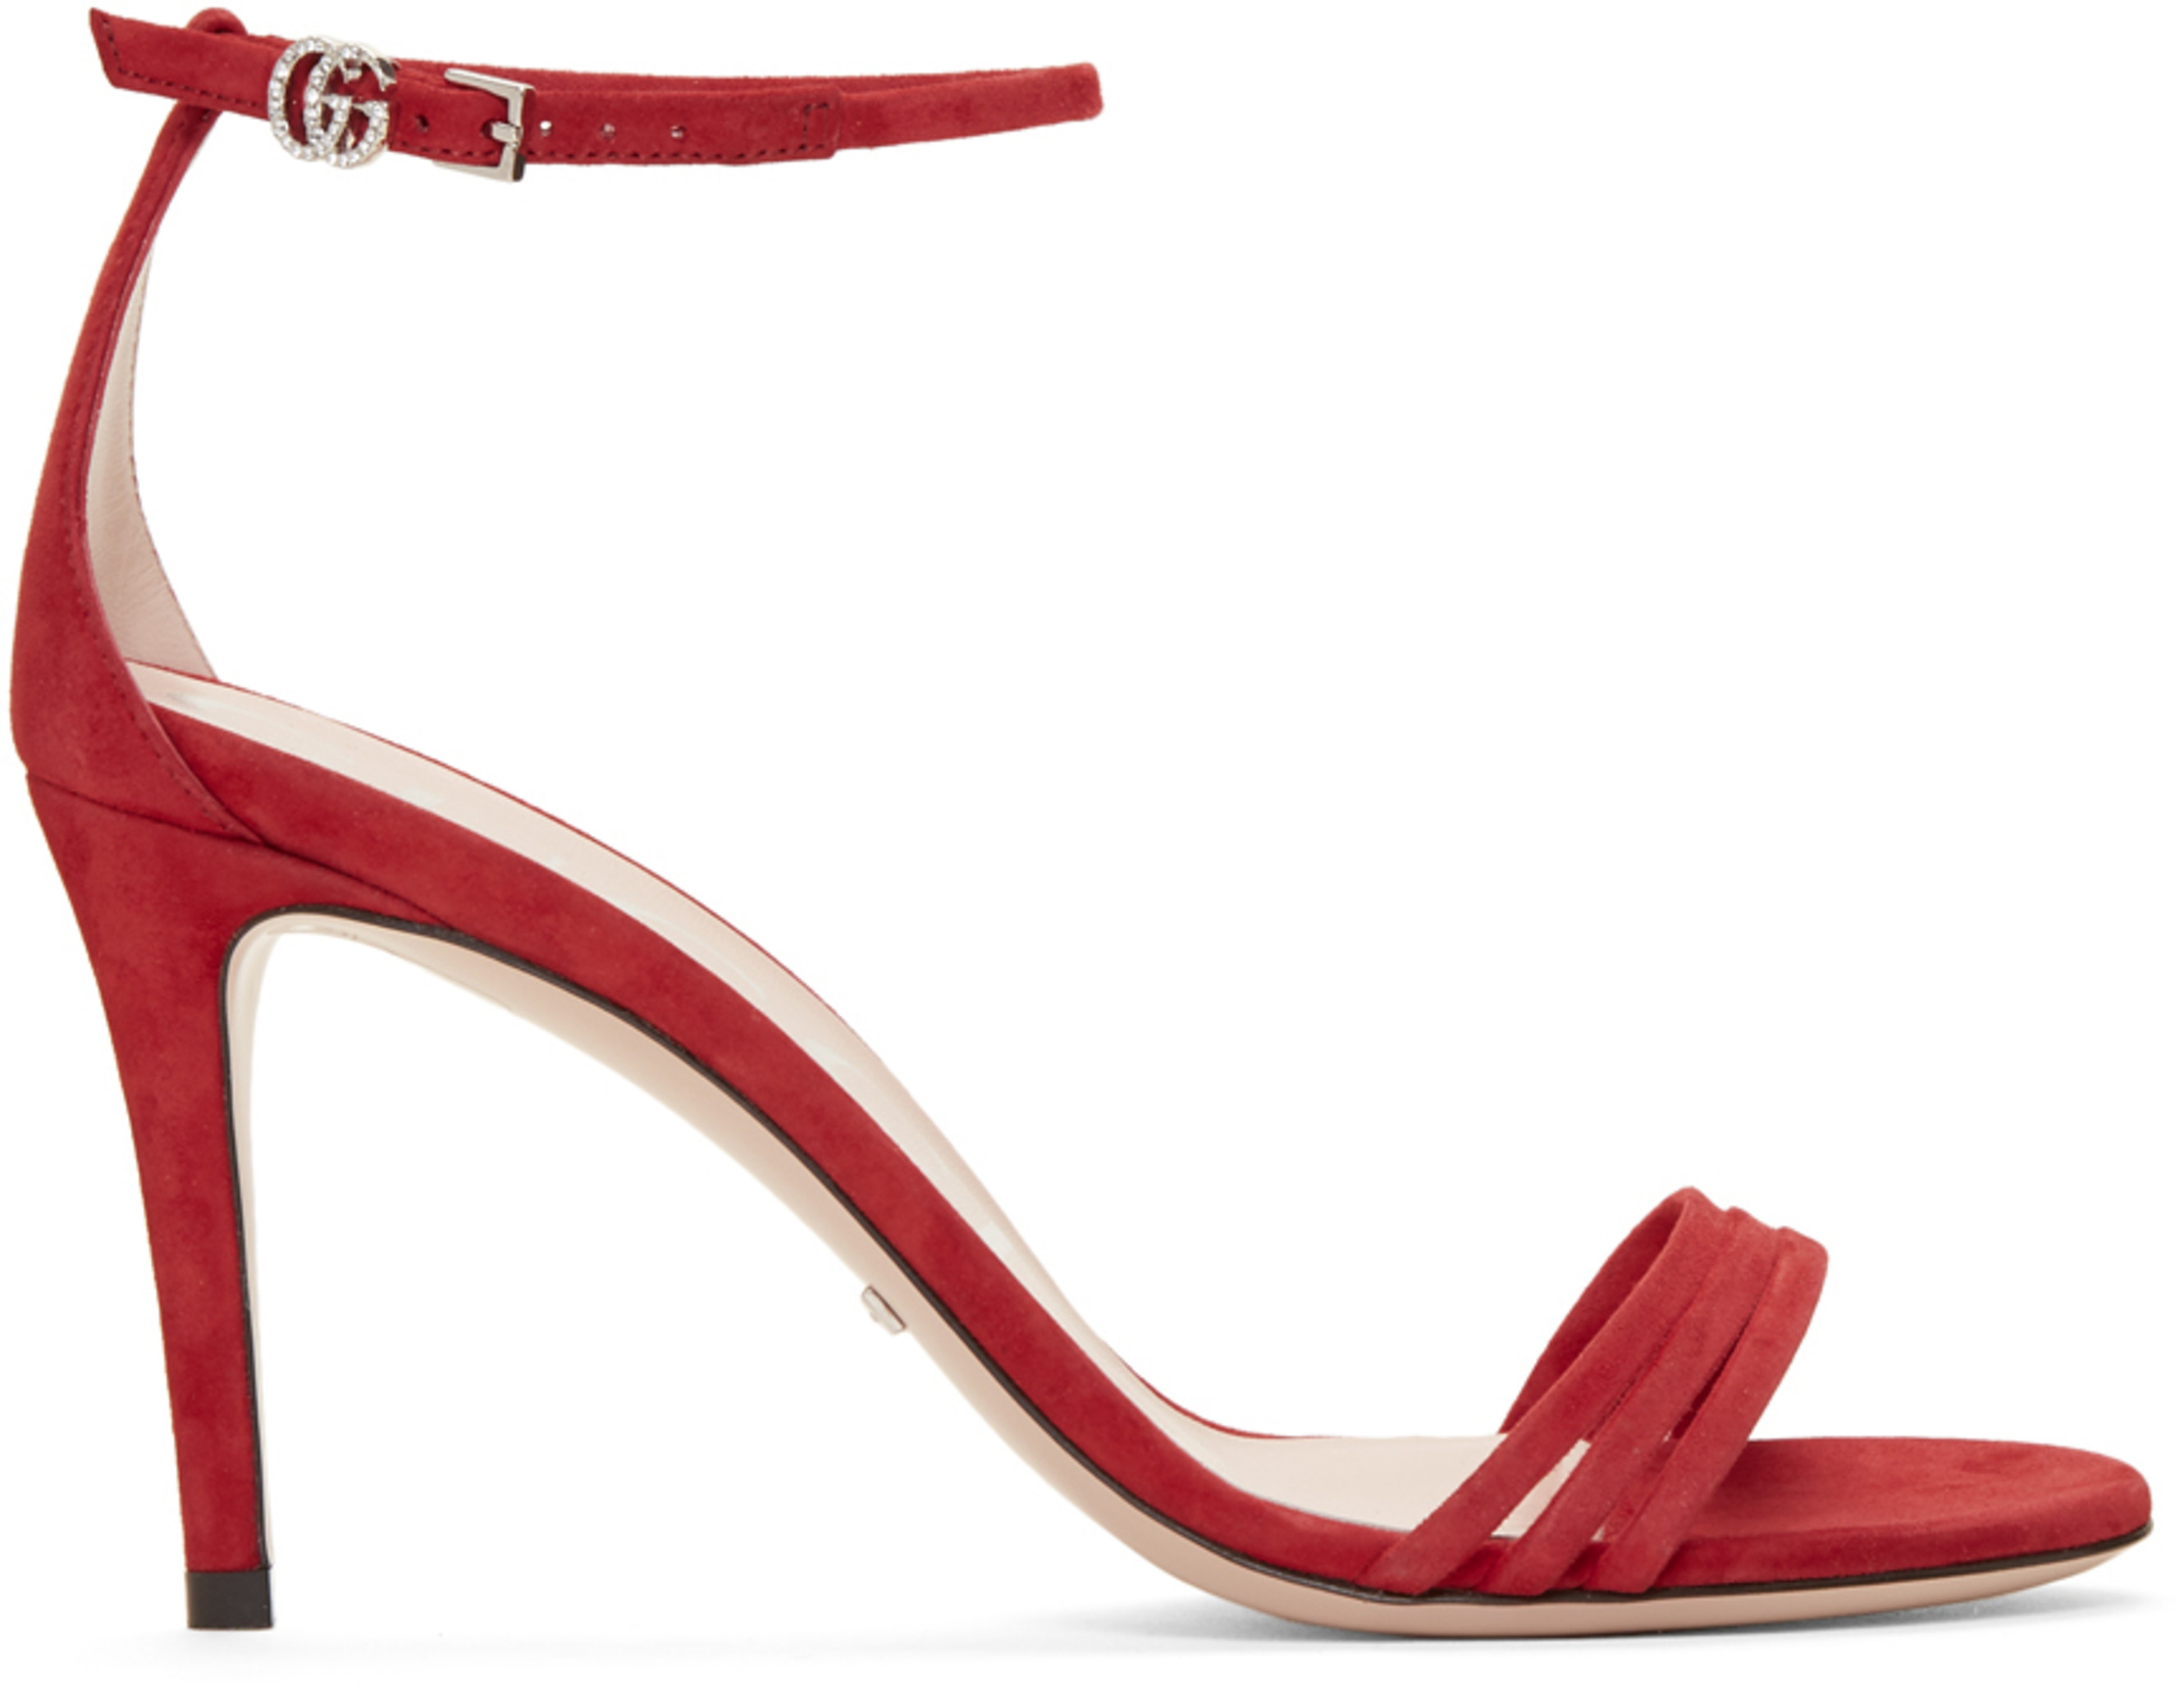 62052eca977 Gucci shoes for Women